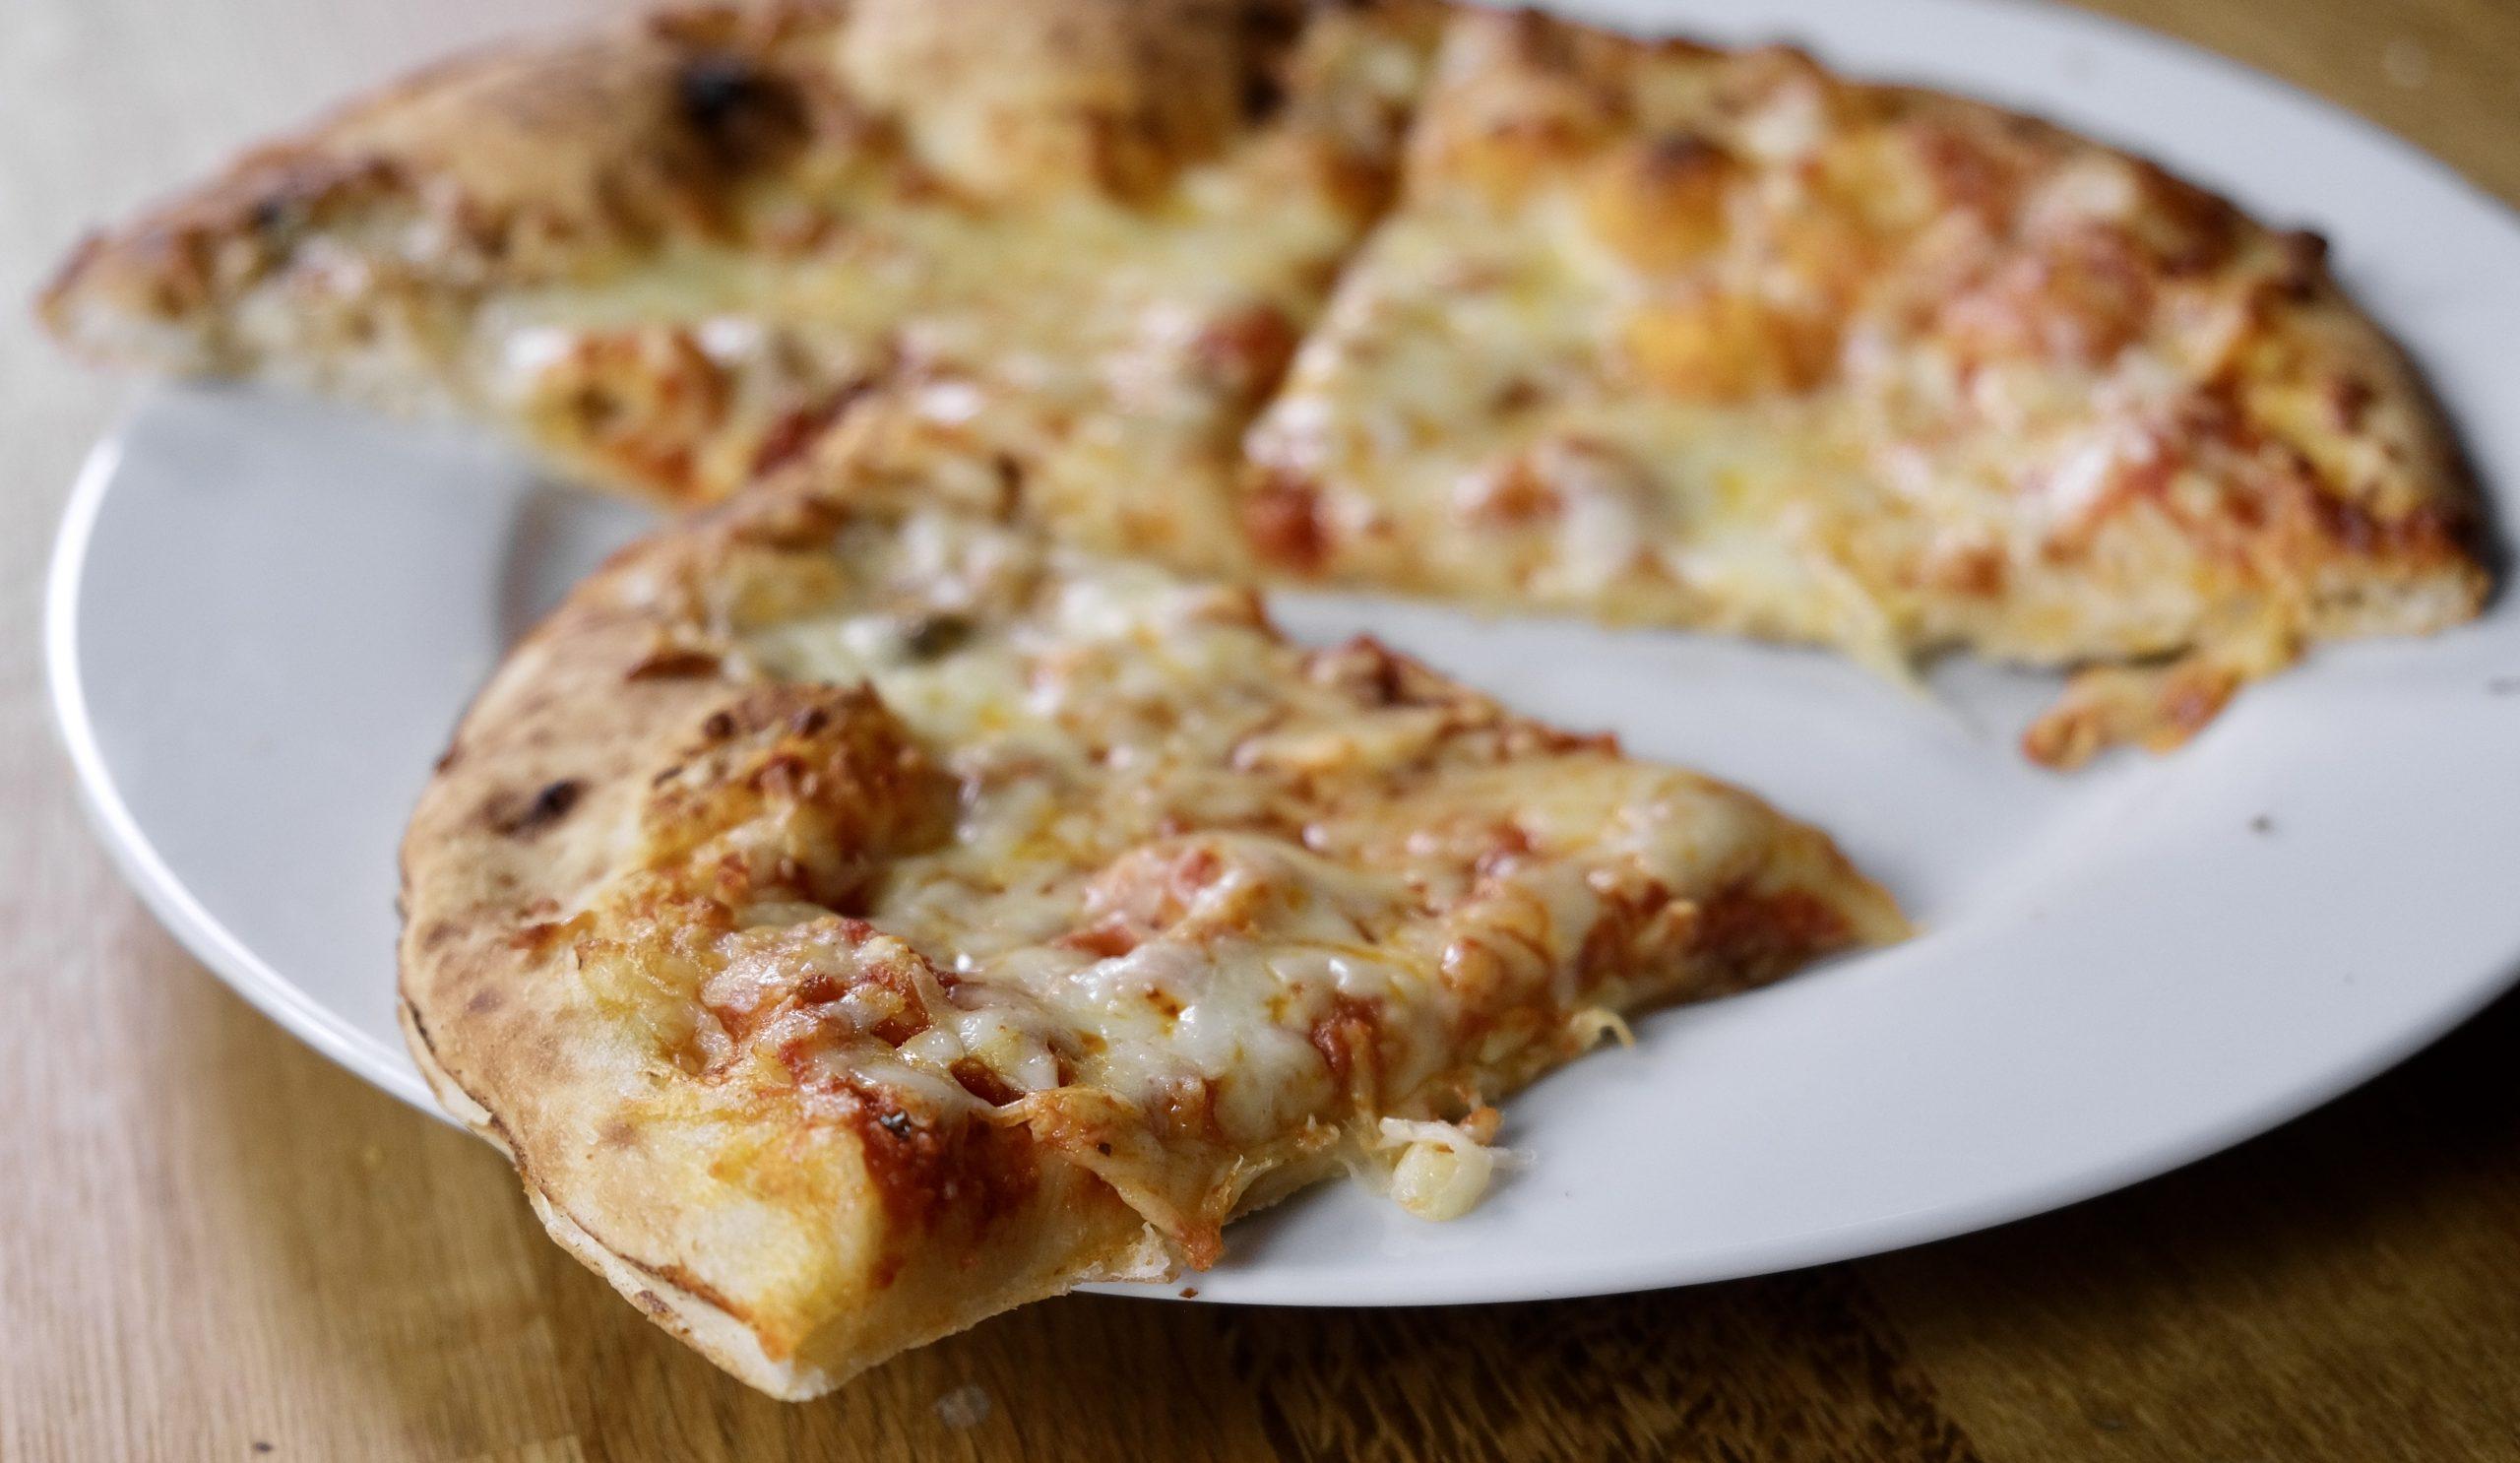 Dettaglio Pizza surgelata Bella Napoli La Classica, Casa Buitoni